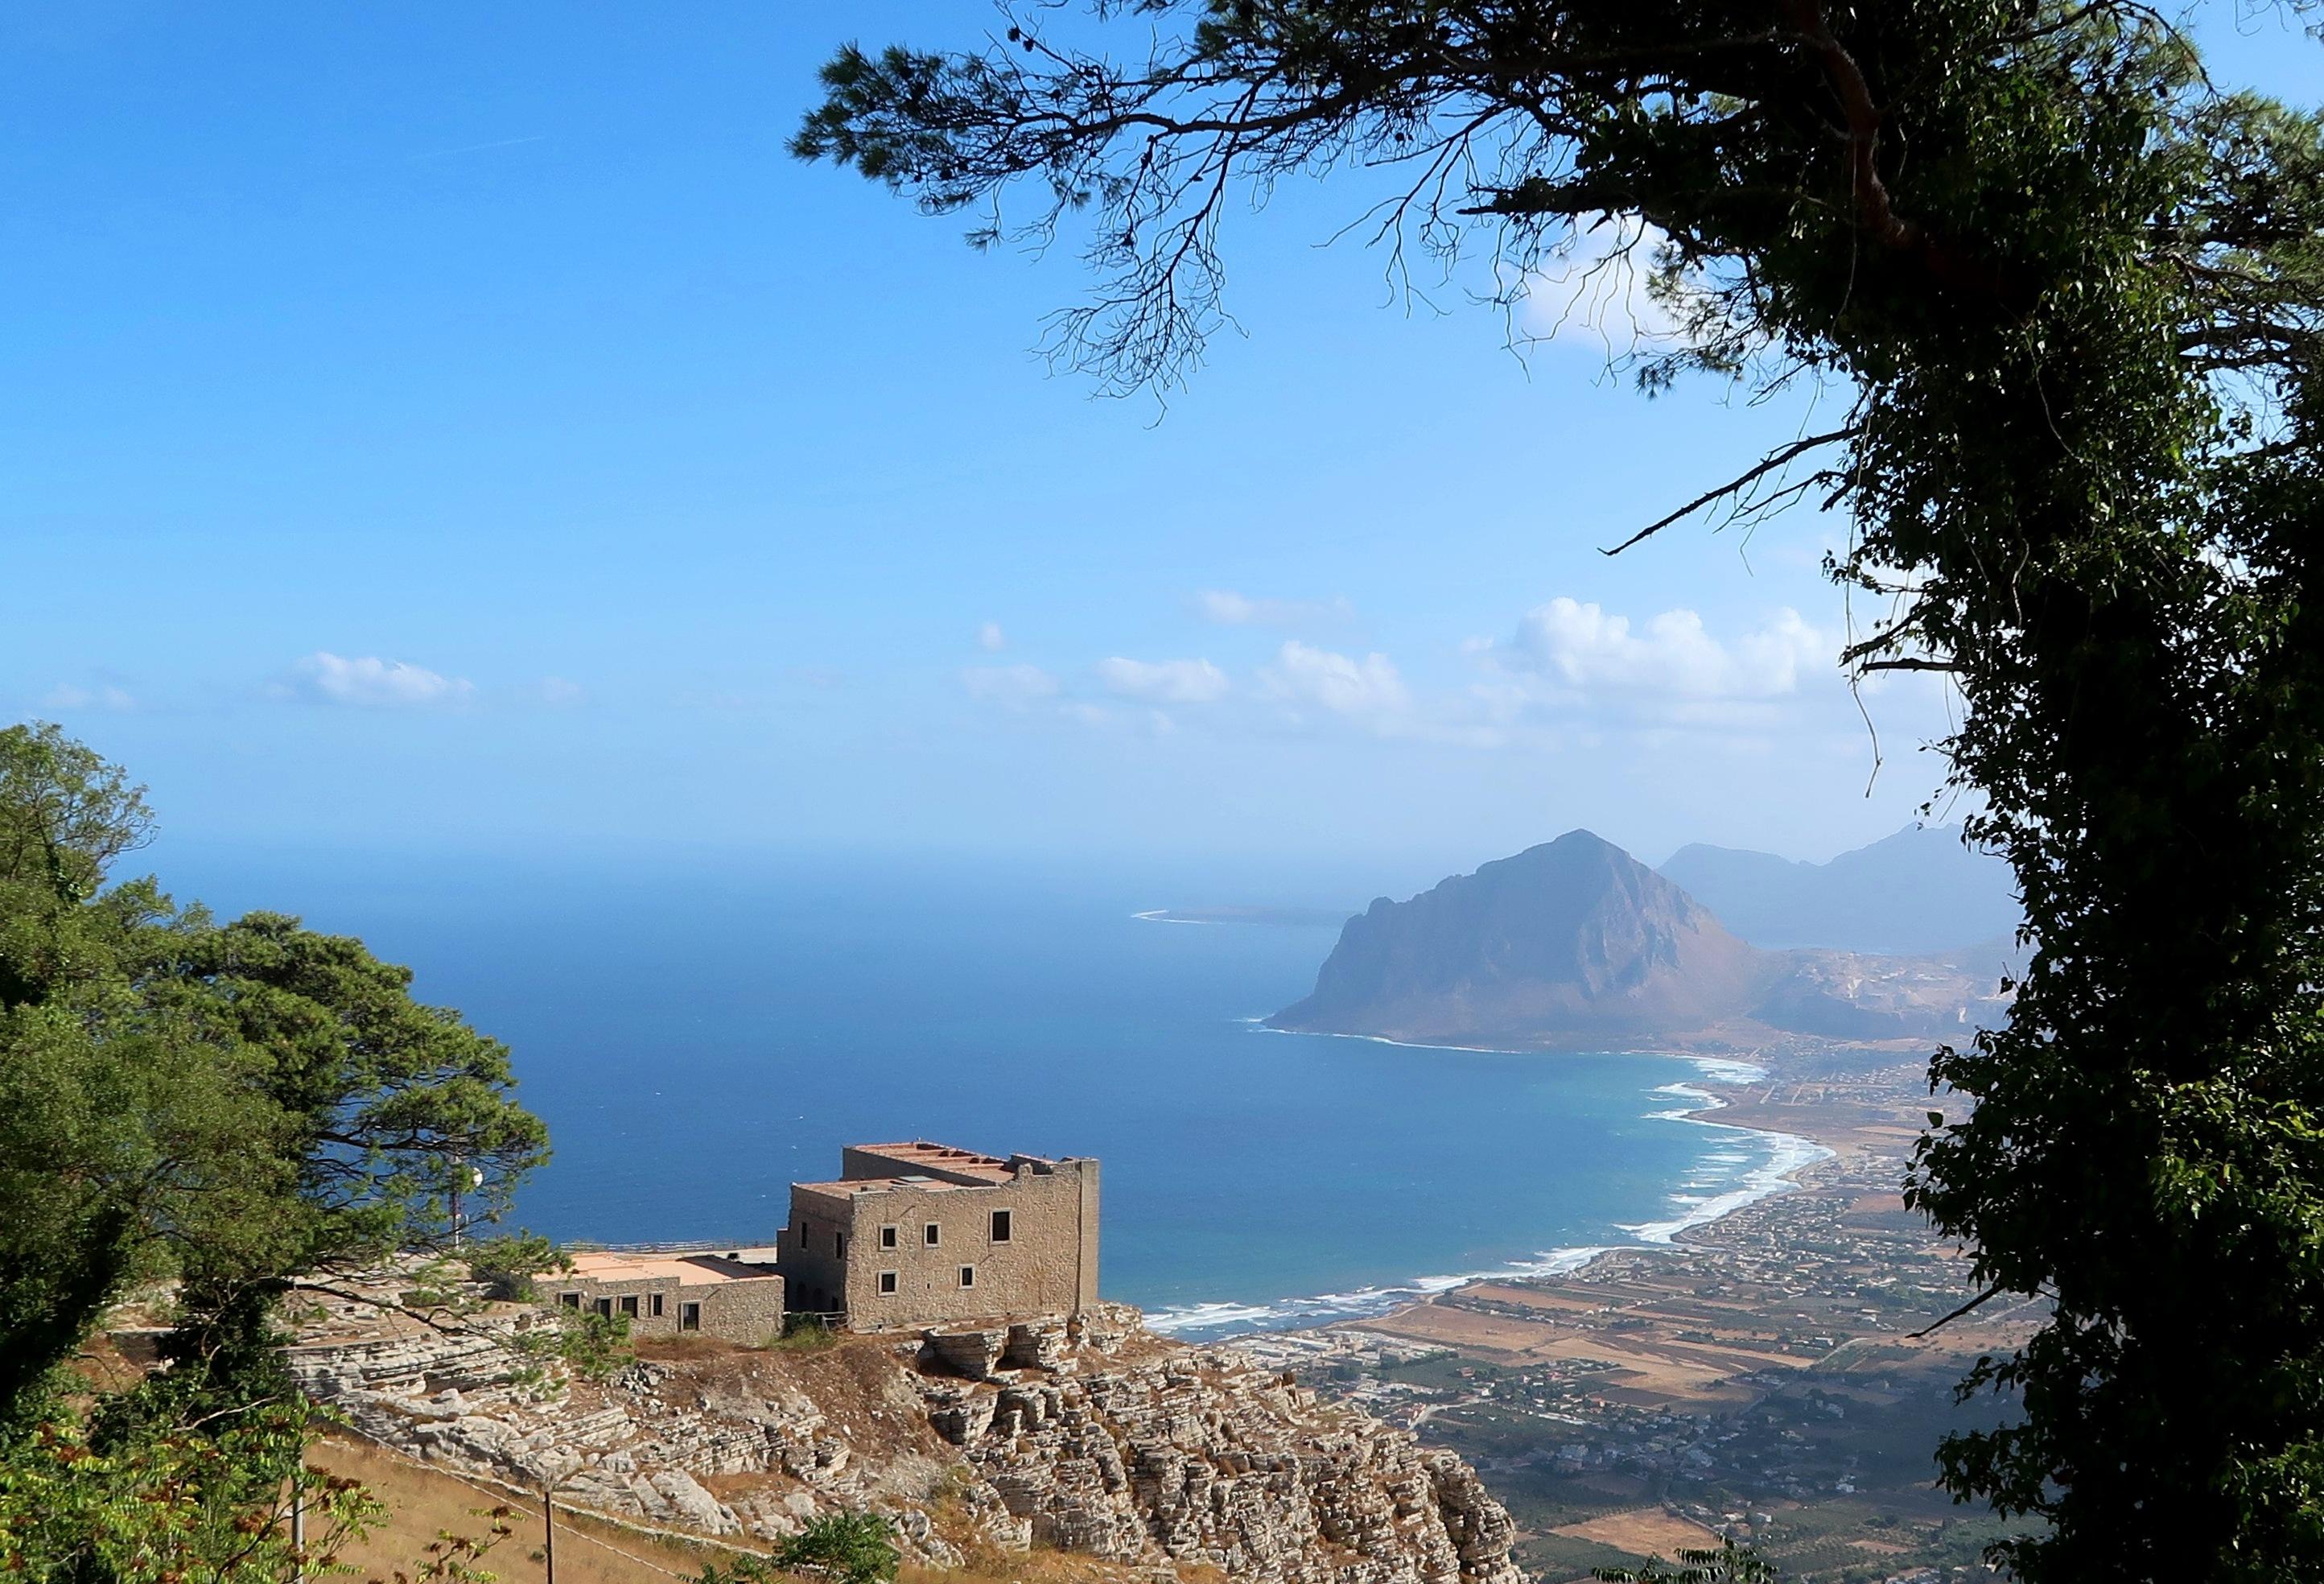 5-utsikt-mot-monte-cofano-fra-erice-view-of-the-cofano-mountain-fra-erice